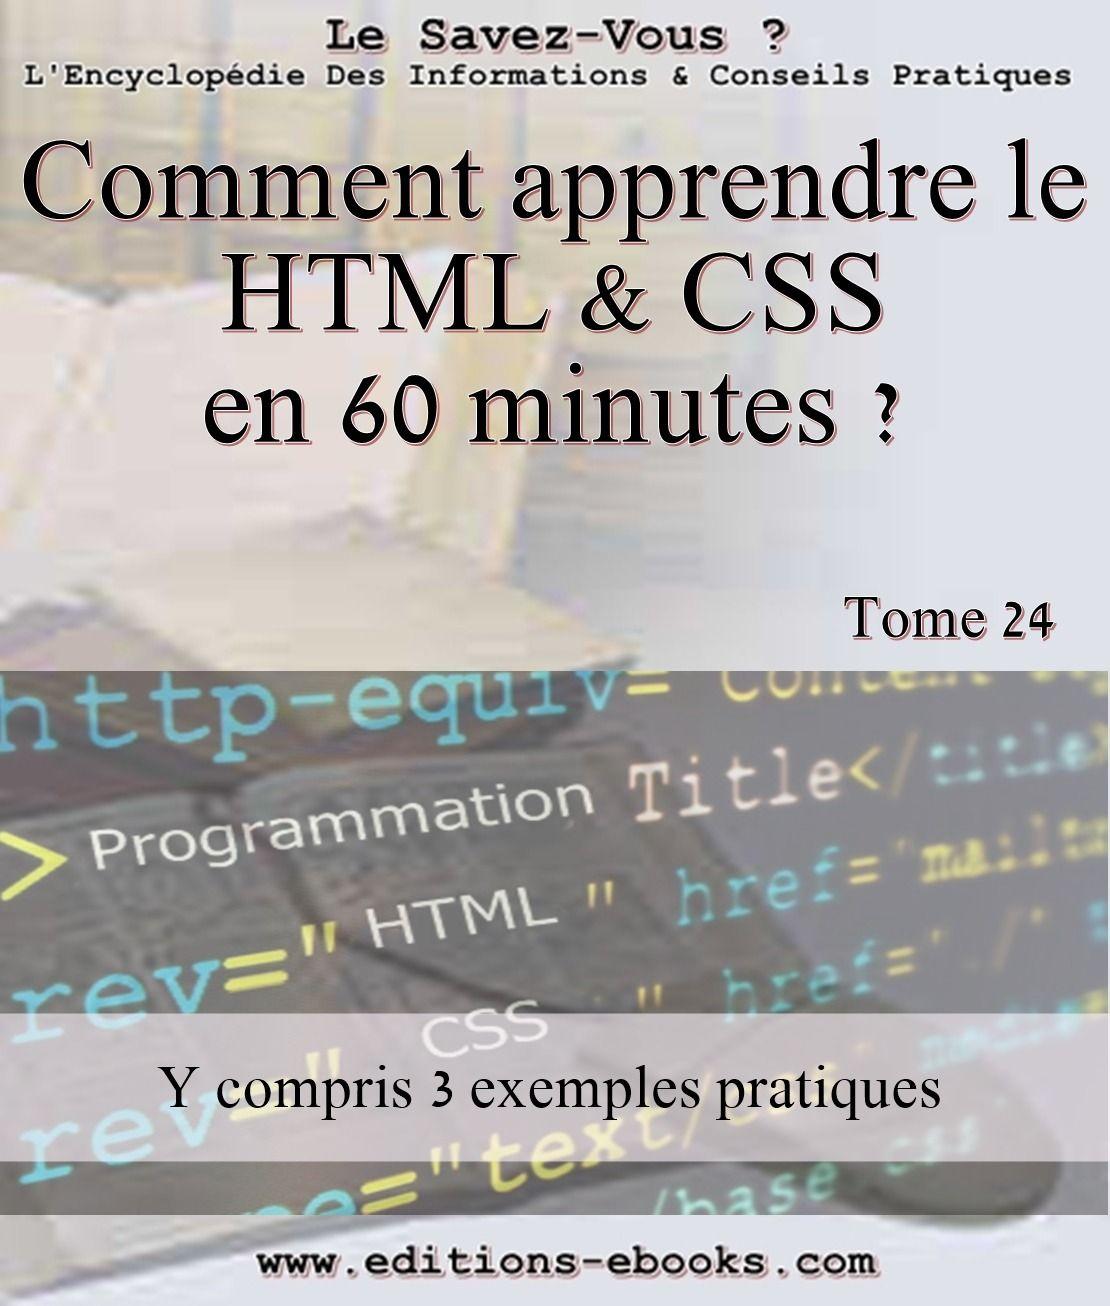 Comment apprendre le HTML et CSS en 60 minutes